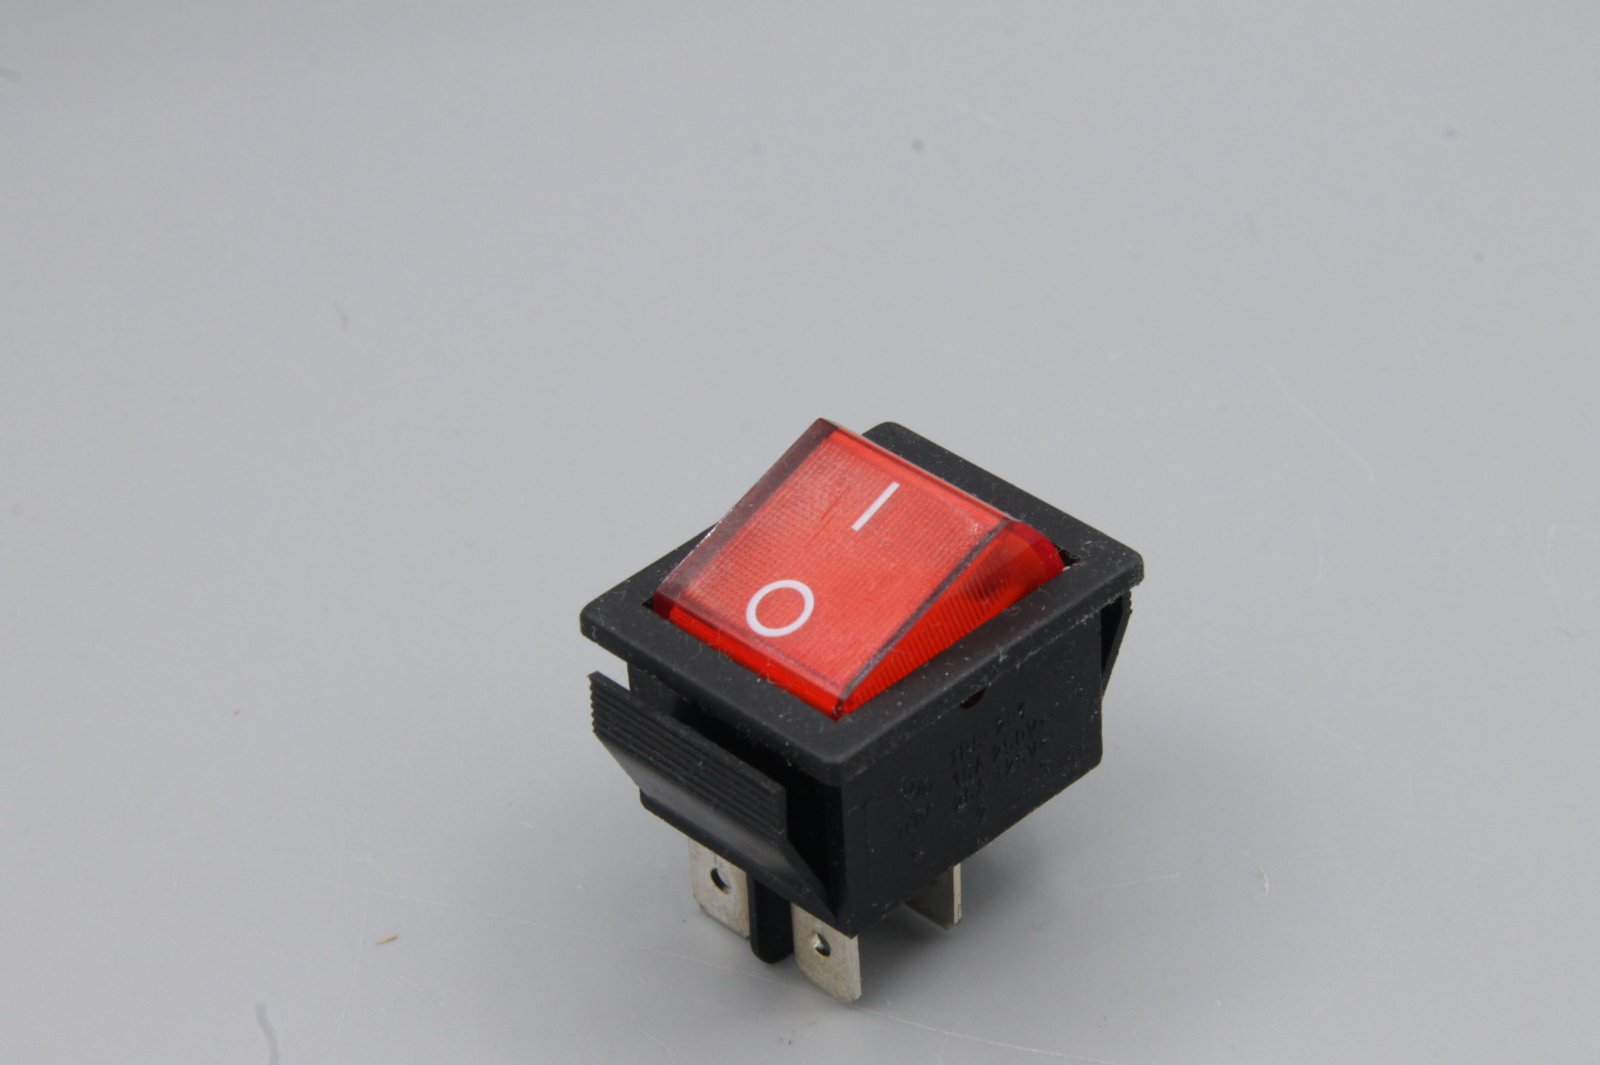 Wippenschalter 2-polig, rote Wippe - beleuchtet  250V~ 15A  Stellungen Ein / Aus